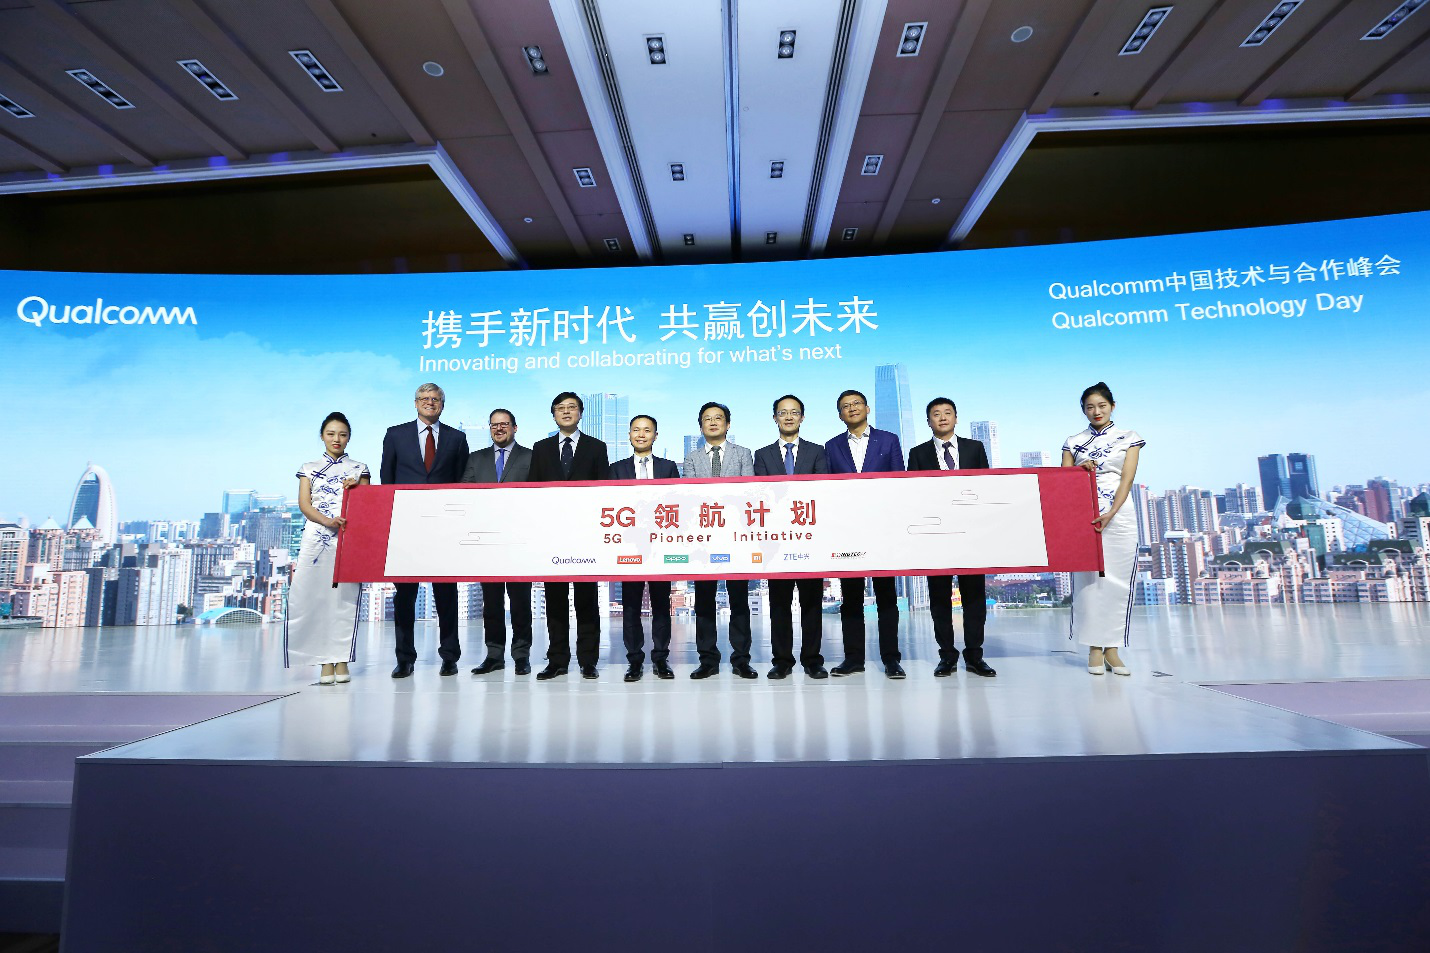 高通与领先的中国厂商共同宣布5G领航计划